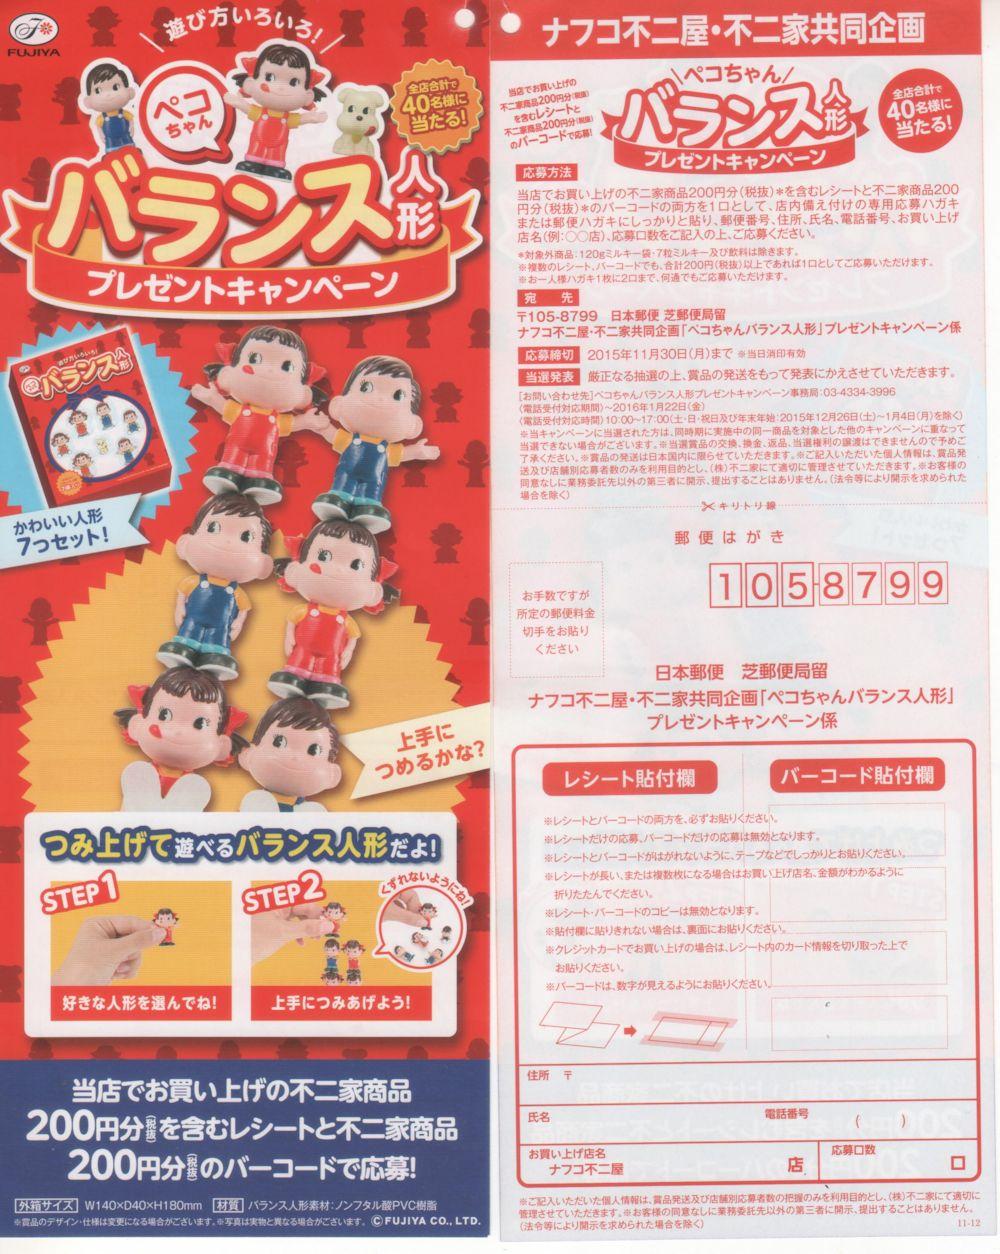 ペコちゃんバランス人形 キャンペーン